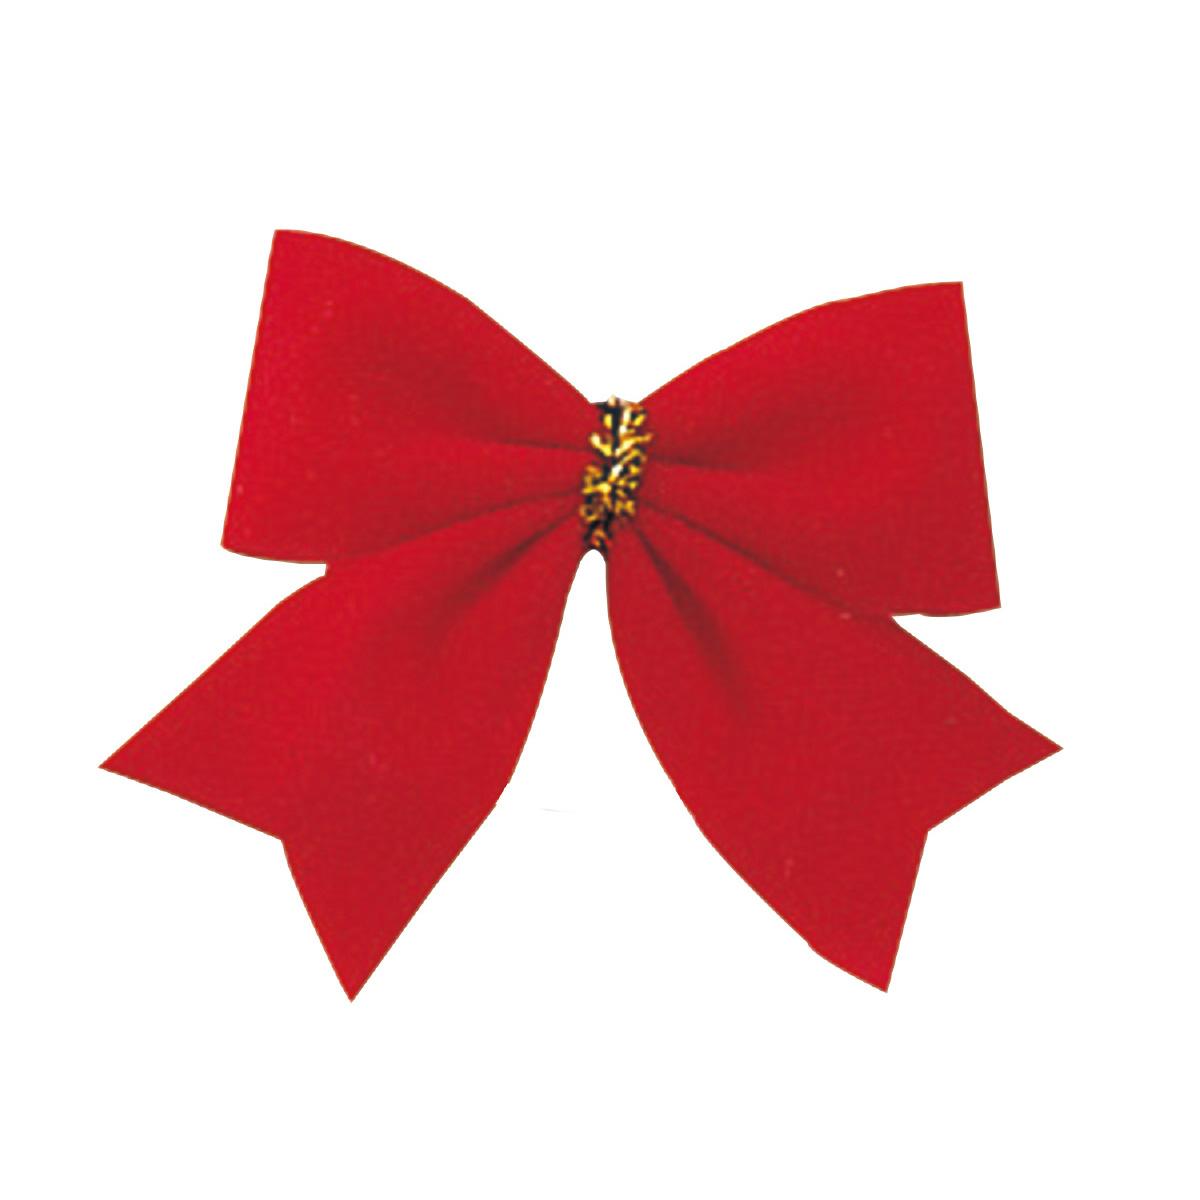 クリスマス 飾り オーナメント キッズ 再入荷 予約販売 子供 幼児 リボン幅25mm 赤い リボン 12コ ツリー オリジナル